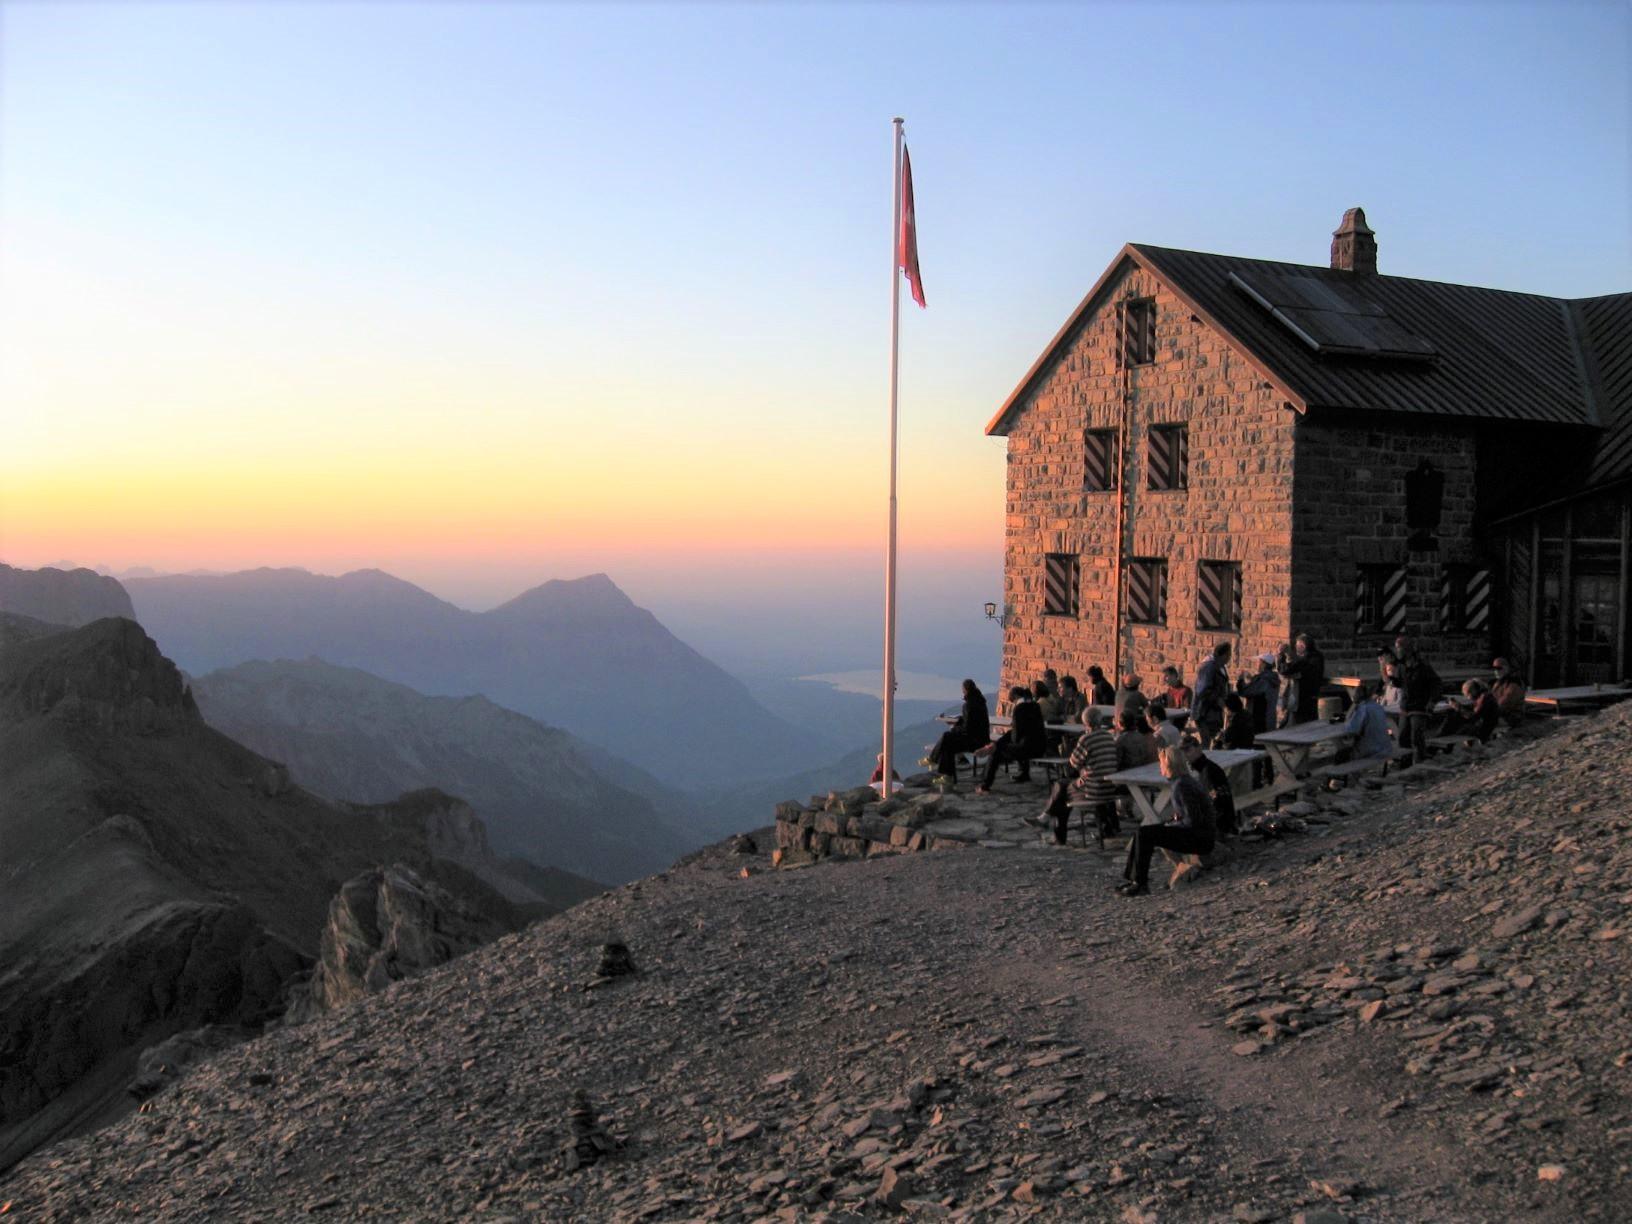 ブリュームリスアルプ小屋から夕景を望む(6日目)